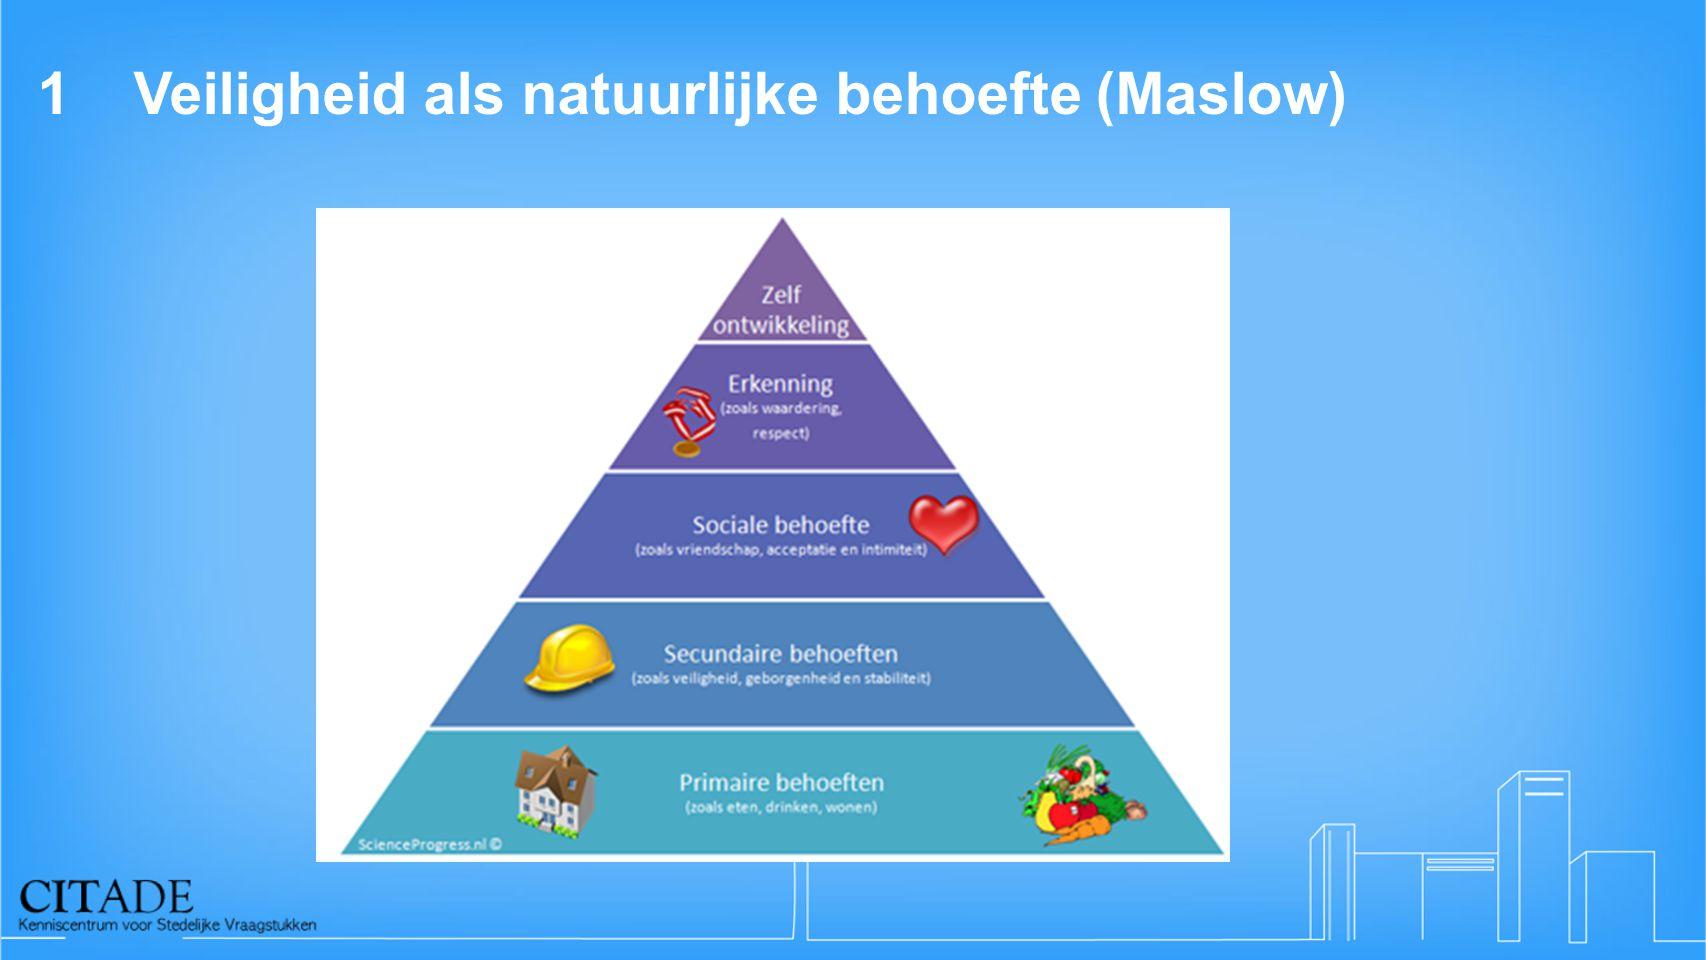 1 Veiligheid als natuurlijke behoefte (Maslow)